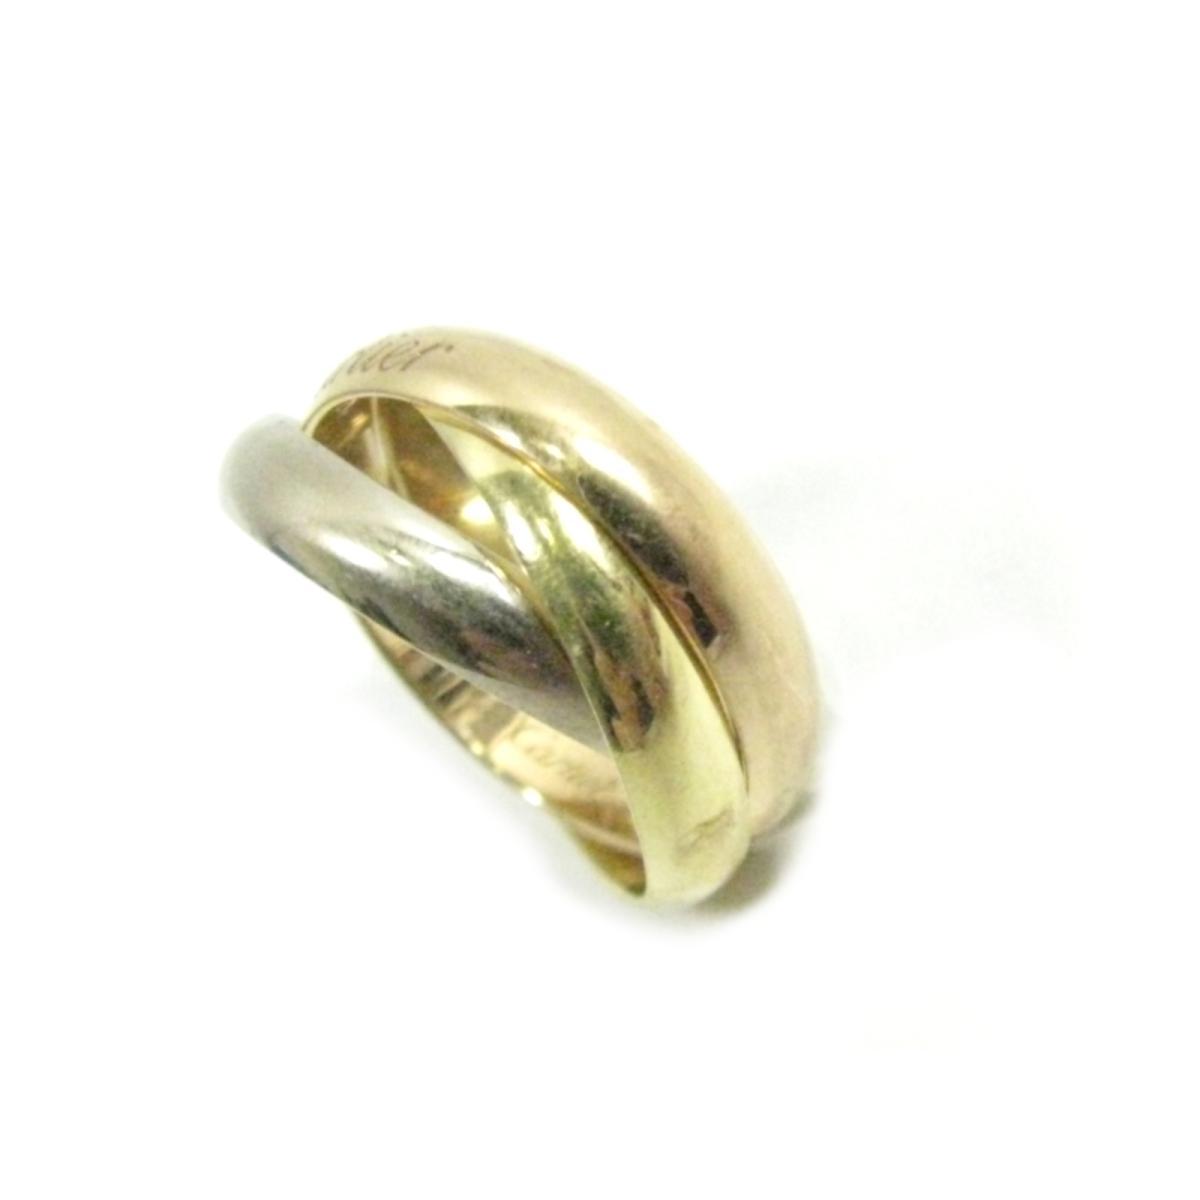 【中古】カルティエ トリニティリング 指輪 10号 刻印#50 貴金属 宝石 ブランドジュエリー レディース K18YG(750) イエローゴールドXK18PG(750)XK18WG(750) ゴールドXピンクゴールドXシルバー